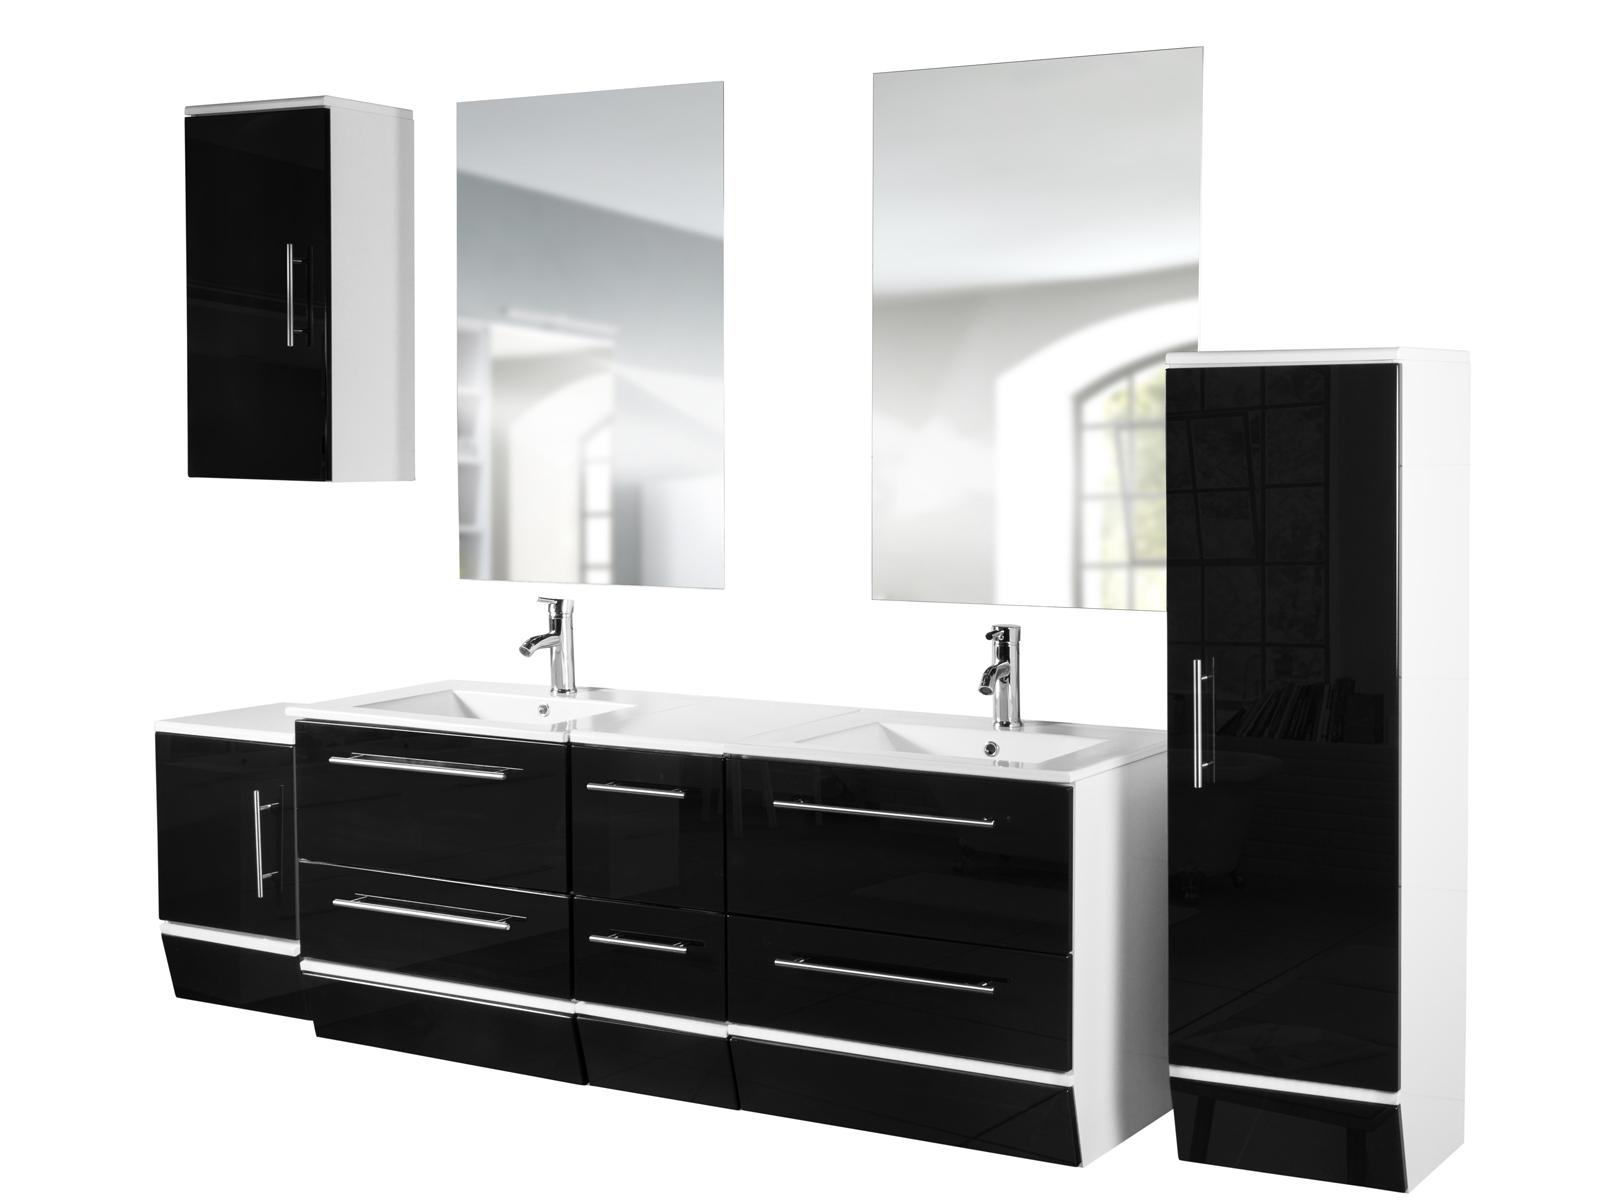 sale badm bel set 5tlg 150 cm schwarz wei hochglanz led jaro. Black Bedroom Furniture Sets. Home Design Ideas